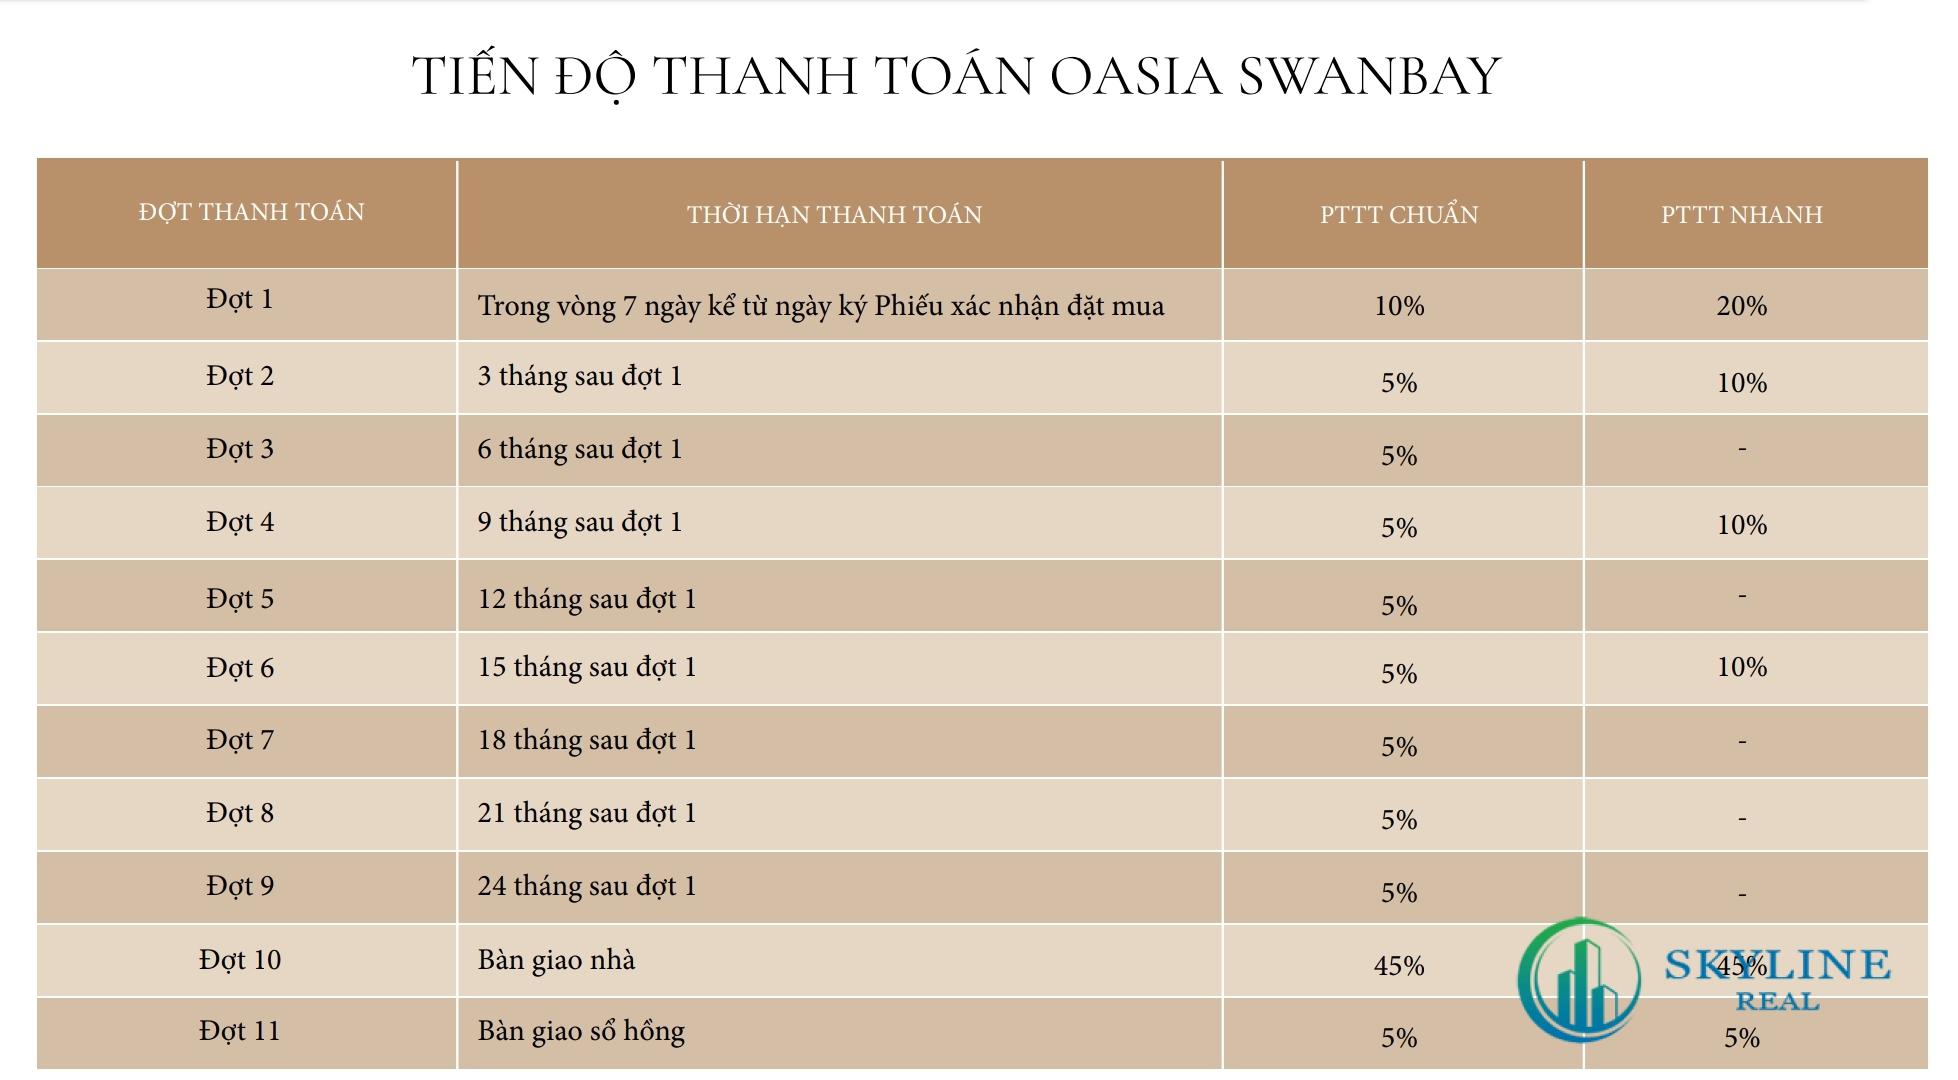 Tiến độ thanh toán Oasia SwanBay